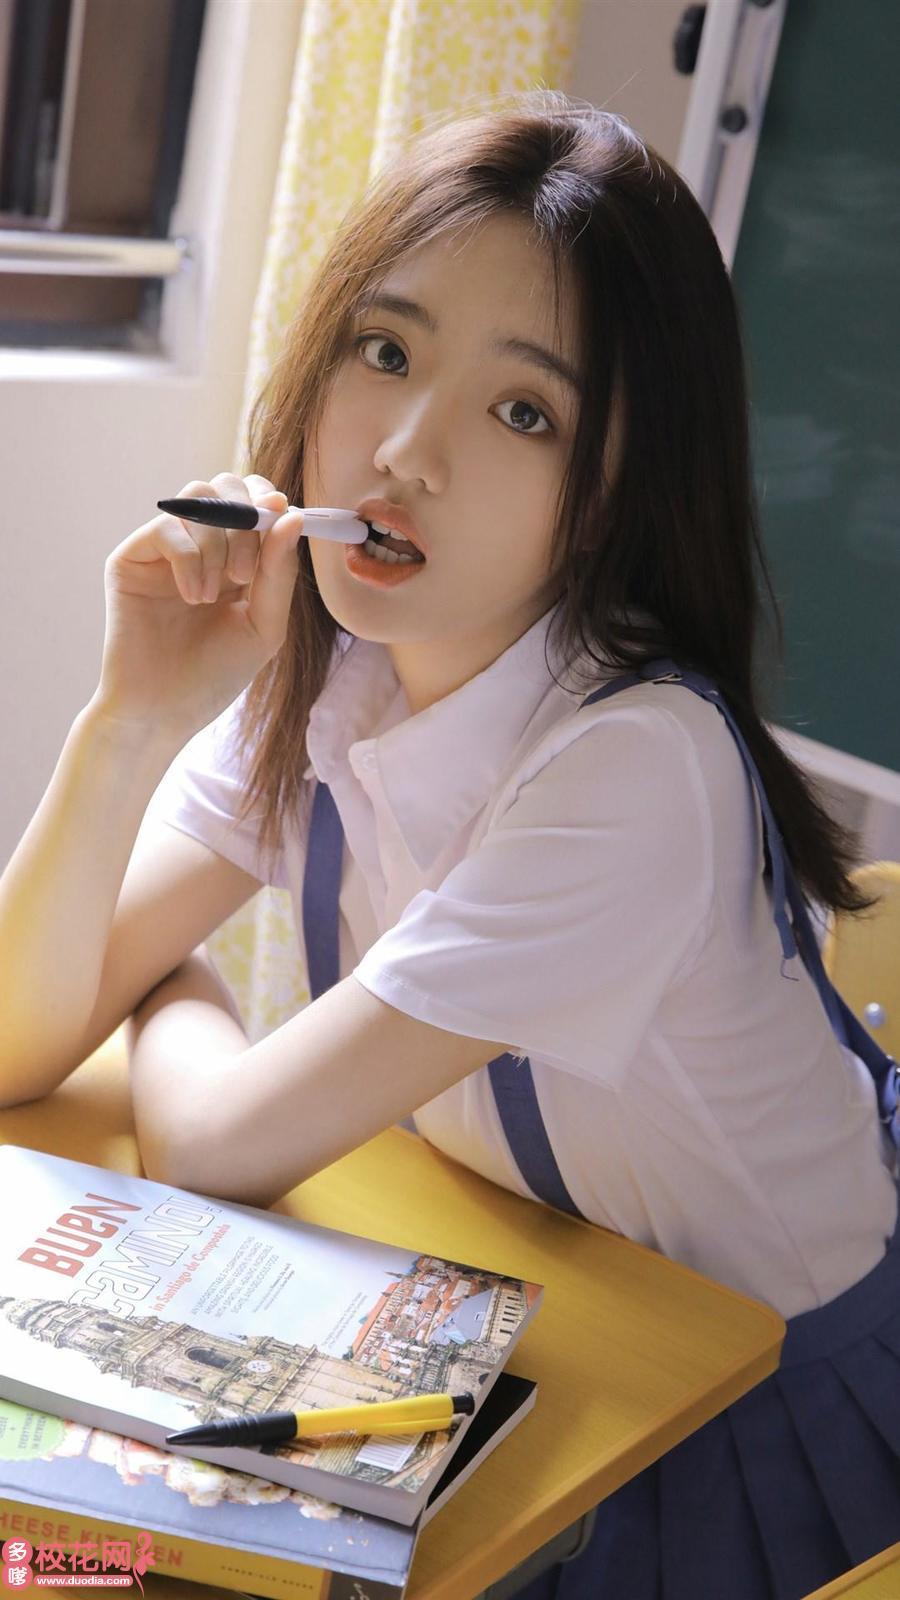 托克托县永圣域乡中学美女校花冯燕桃写真照片